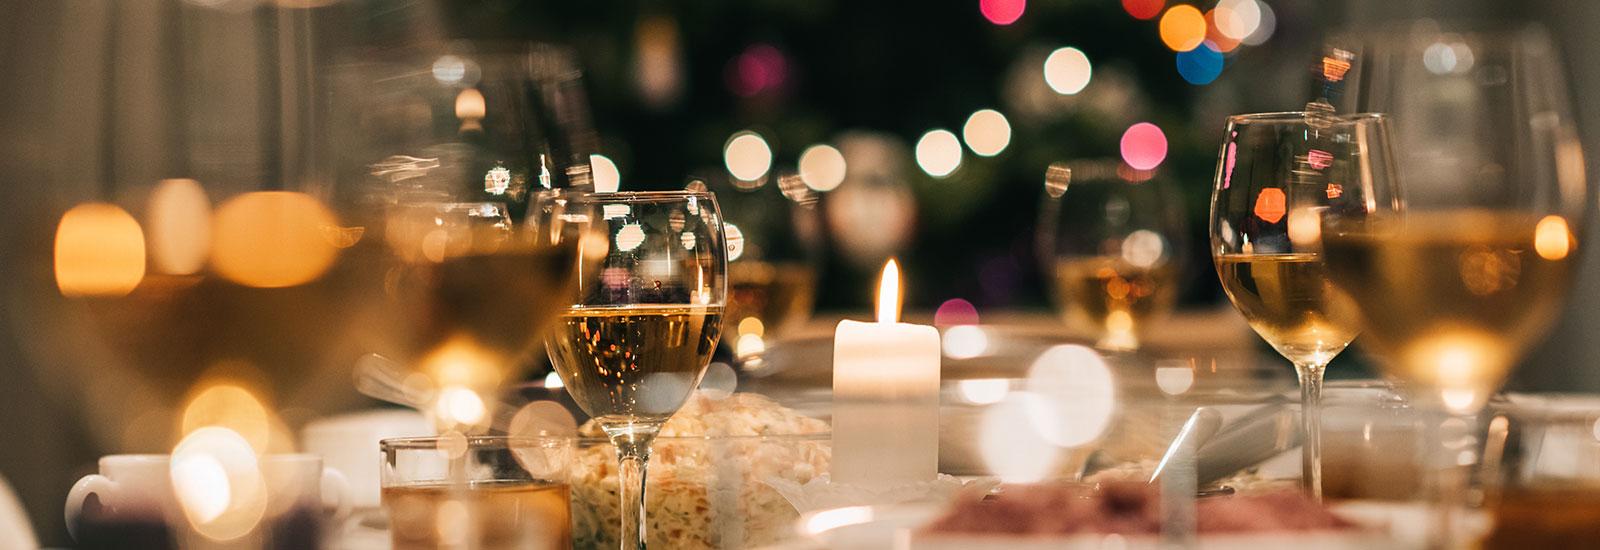 Wij hebben vijf tips voor de beste wijnen bij het kerstdiner